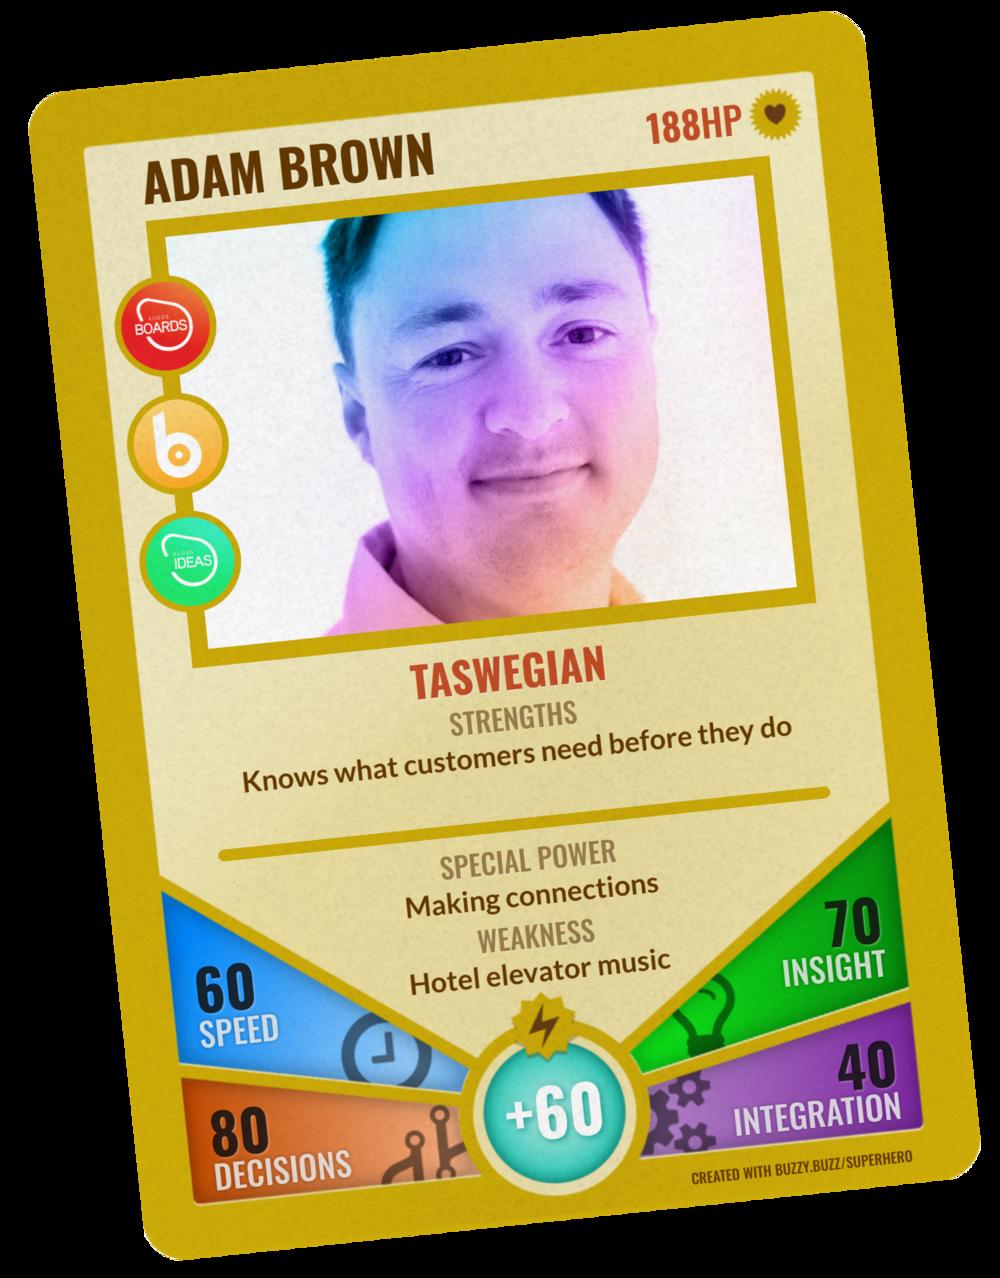 superhero_Adam_Brown.png